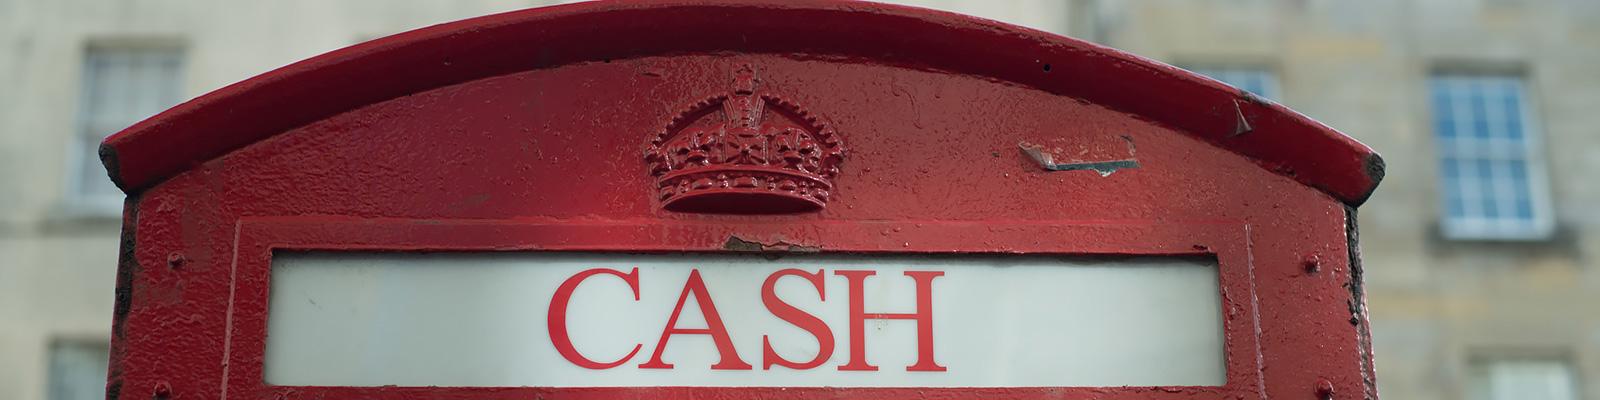 ロンドン ATM イメージ